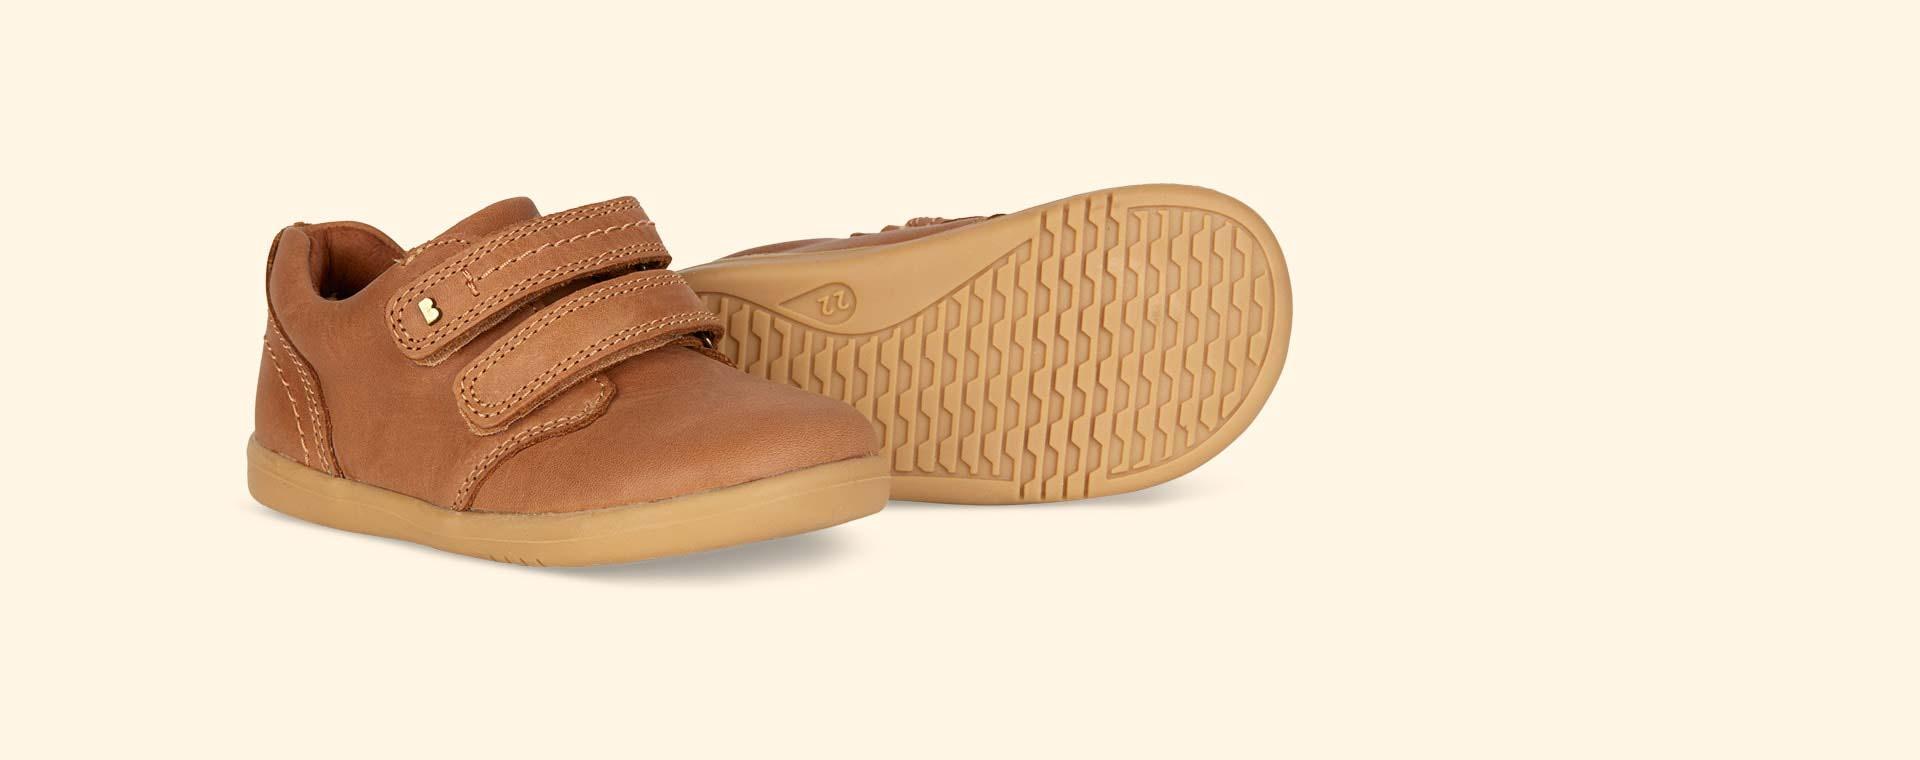 Buy the Bobux I-Walk Port Shoe at KIDLY UK